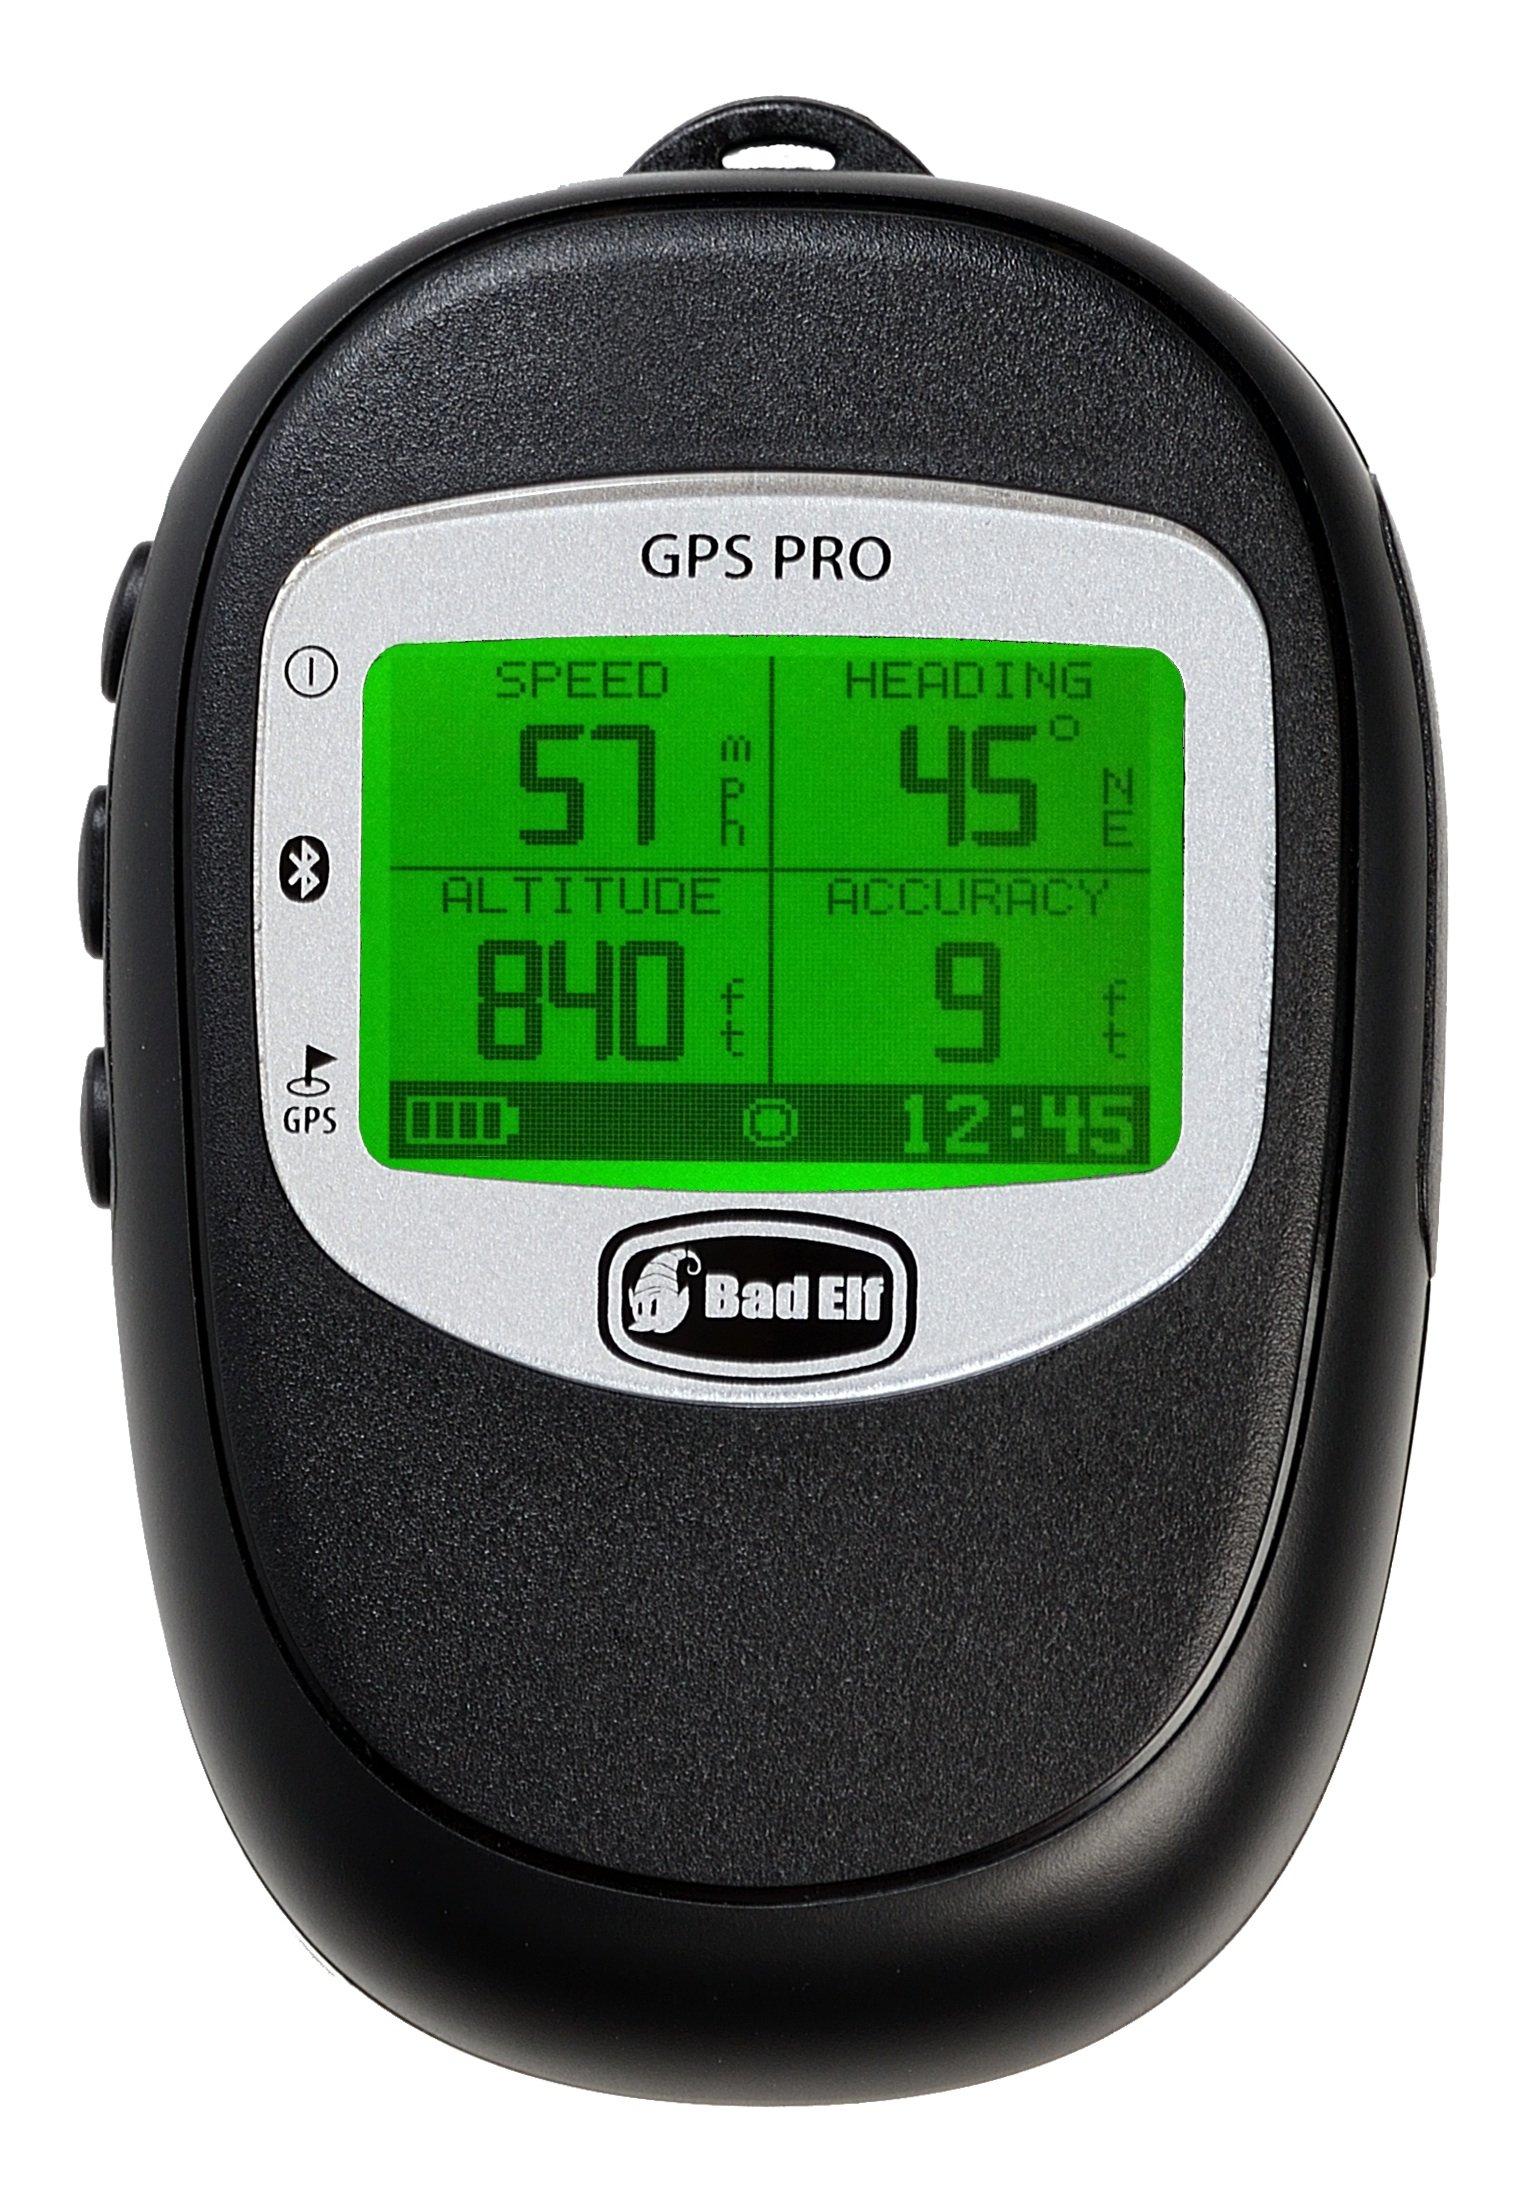 Bad Elf 2200 GPS Pro (Black/silver) by Bad Elf (Image #1)